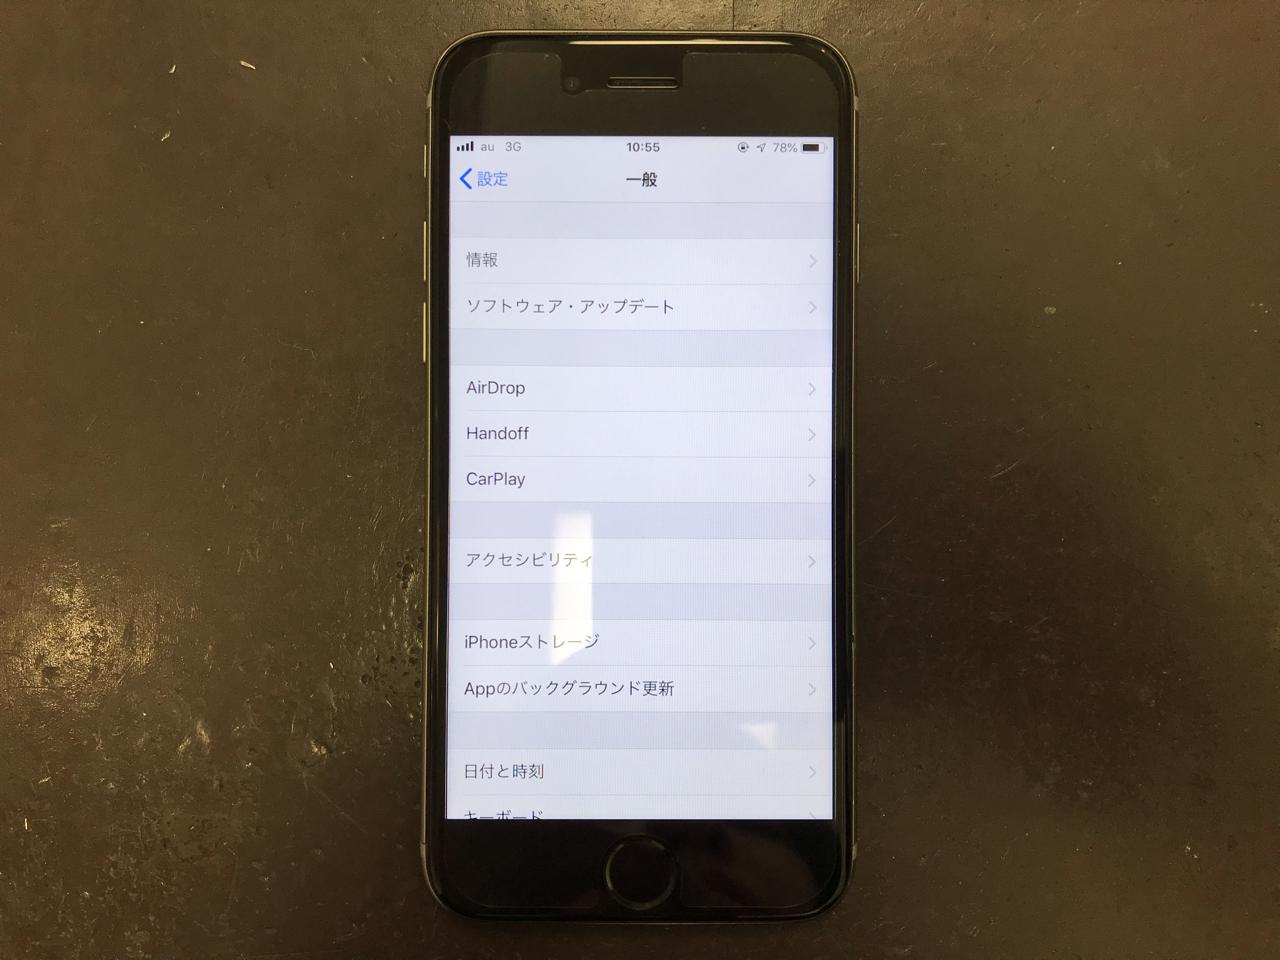 70b3c0f5-5e6e-4166-85f3-deb51068ae9d_1555211578_1595954459 iPhone6Sの画面がバキバキに割れてしまってタッチ操作もきかなくなってしまったものでも修理で直せました!